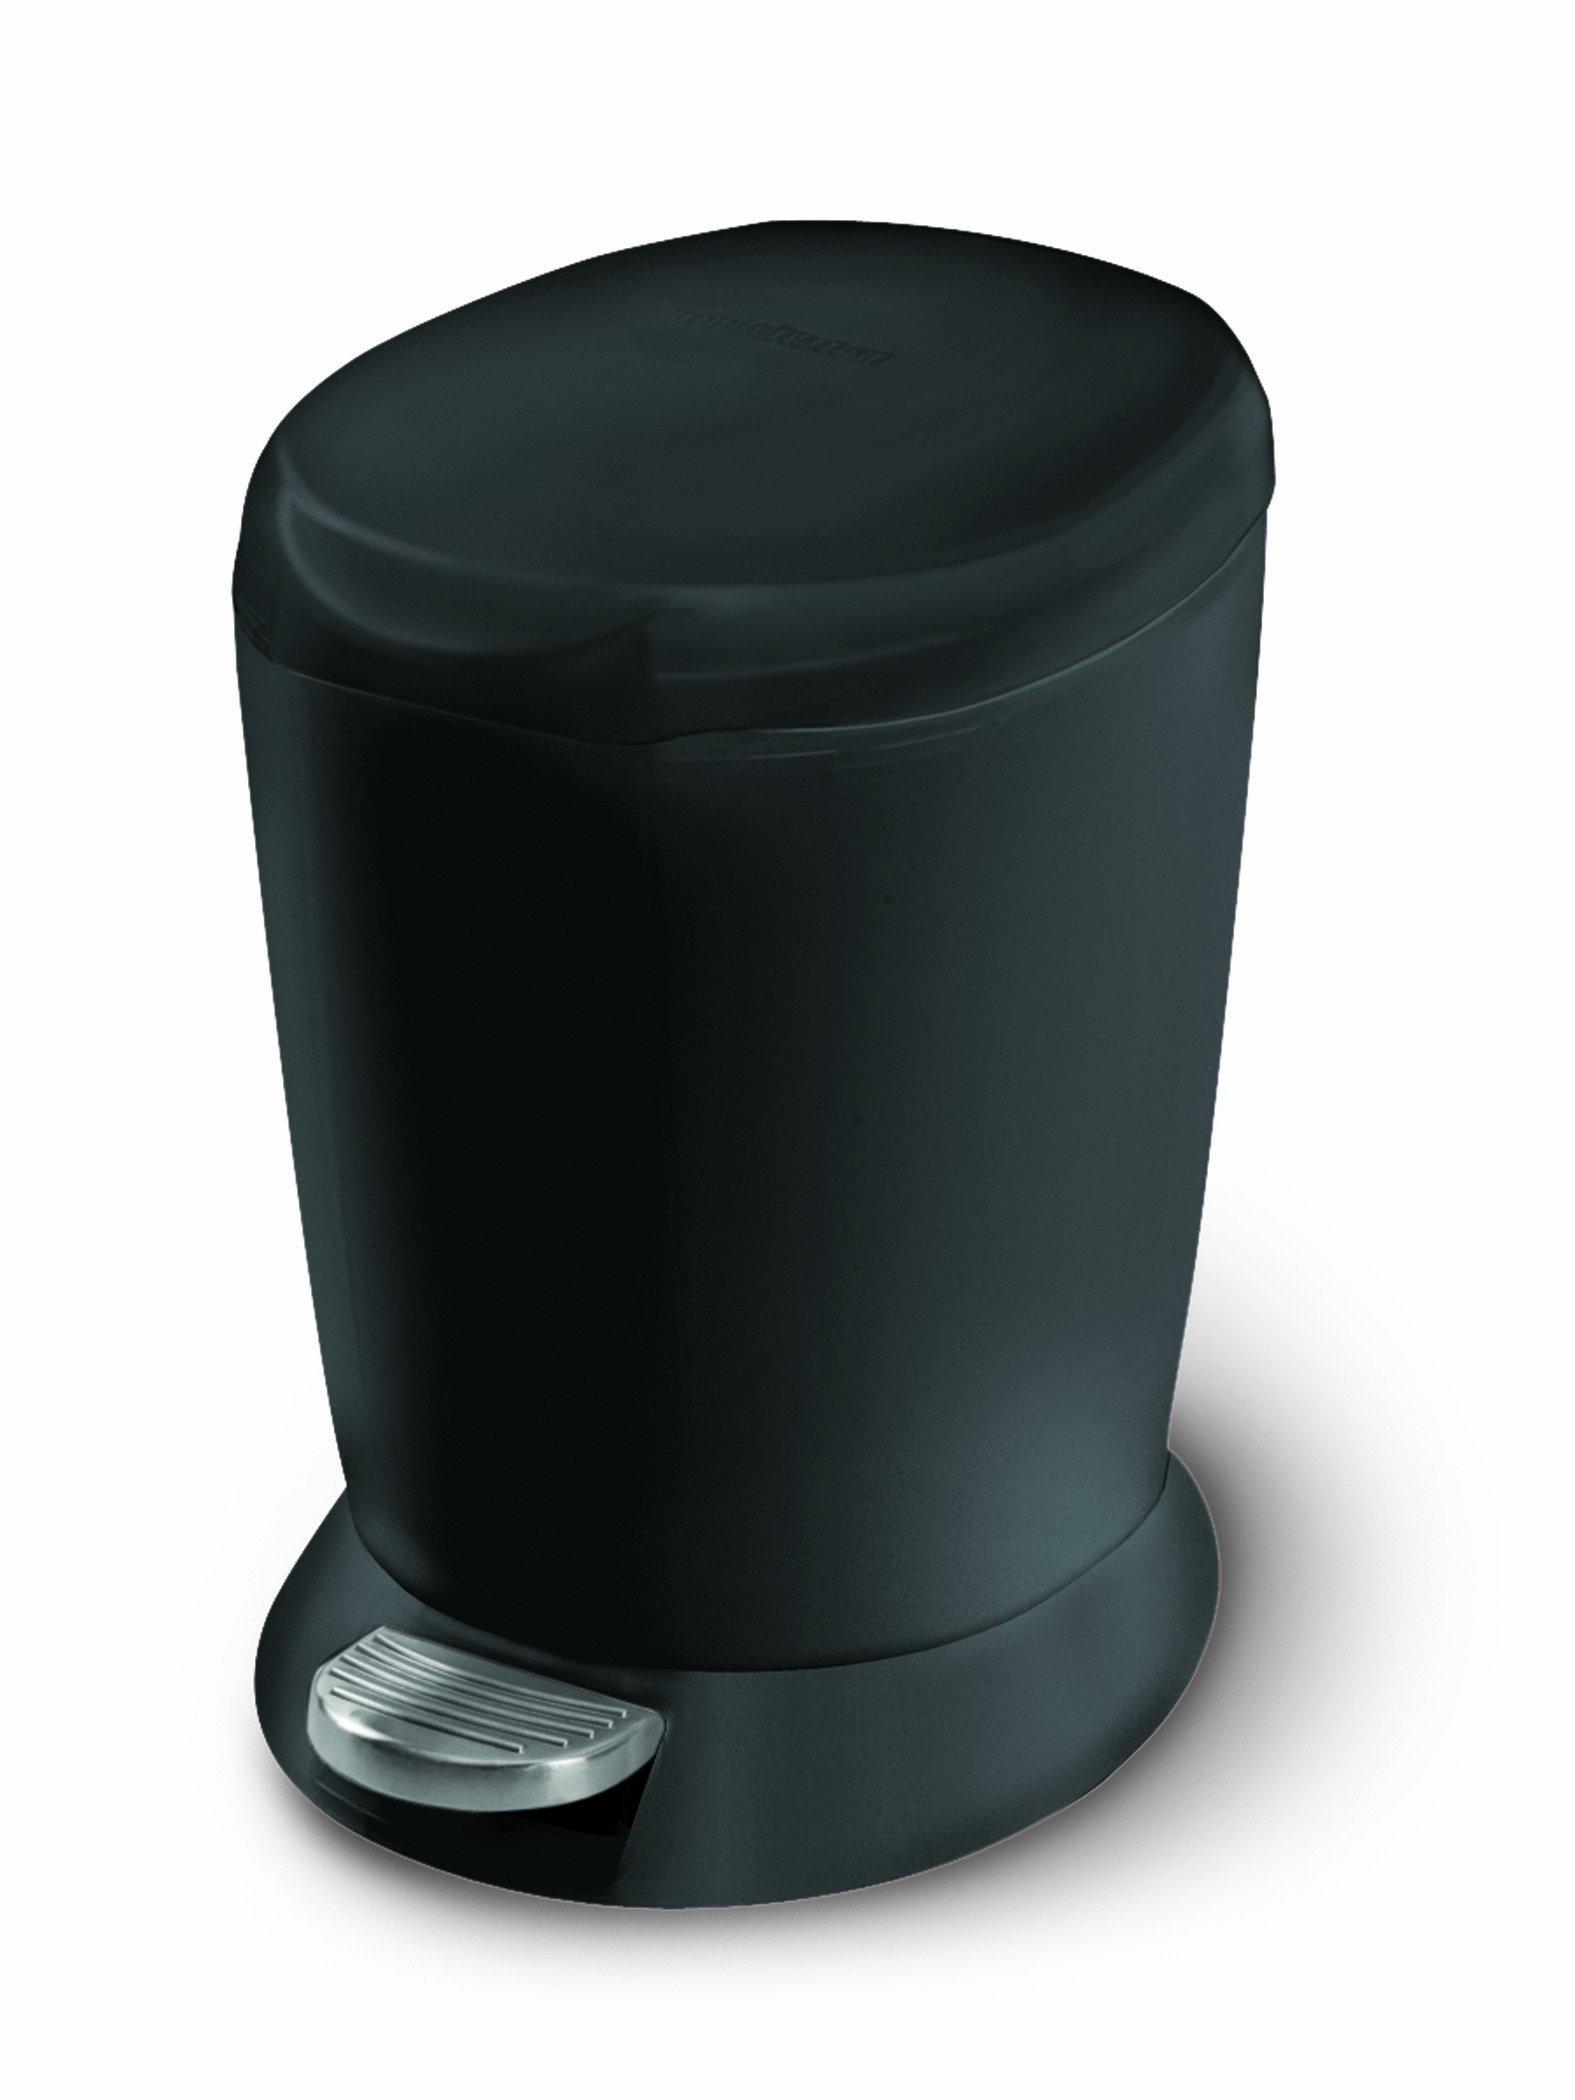 Simplehuman - Mini pattumiera a pedale in plastica, colore: Nero, 6 L